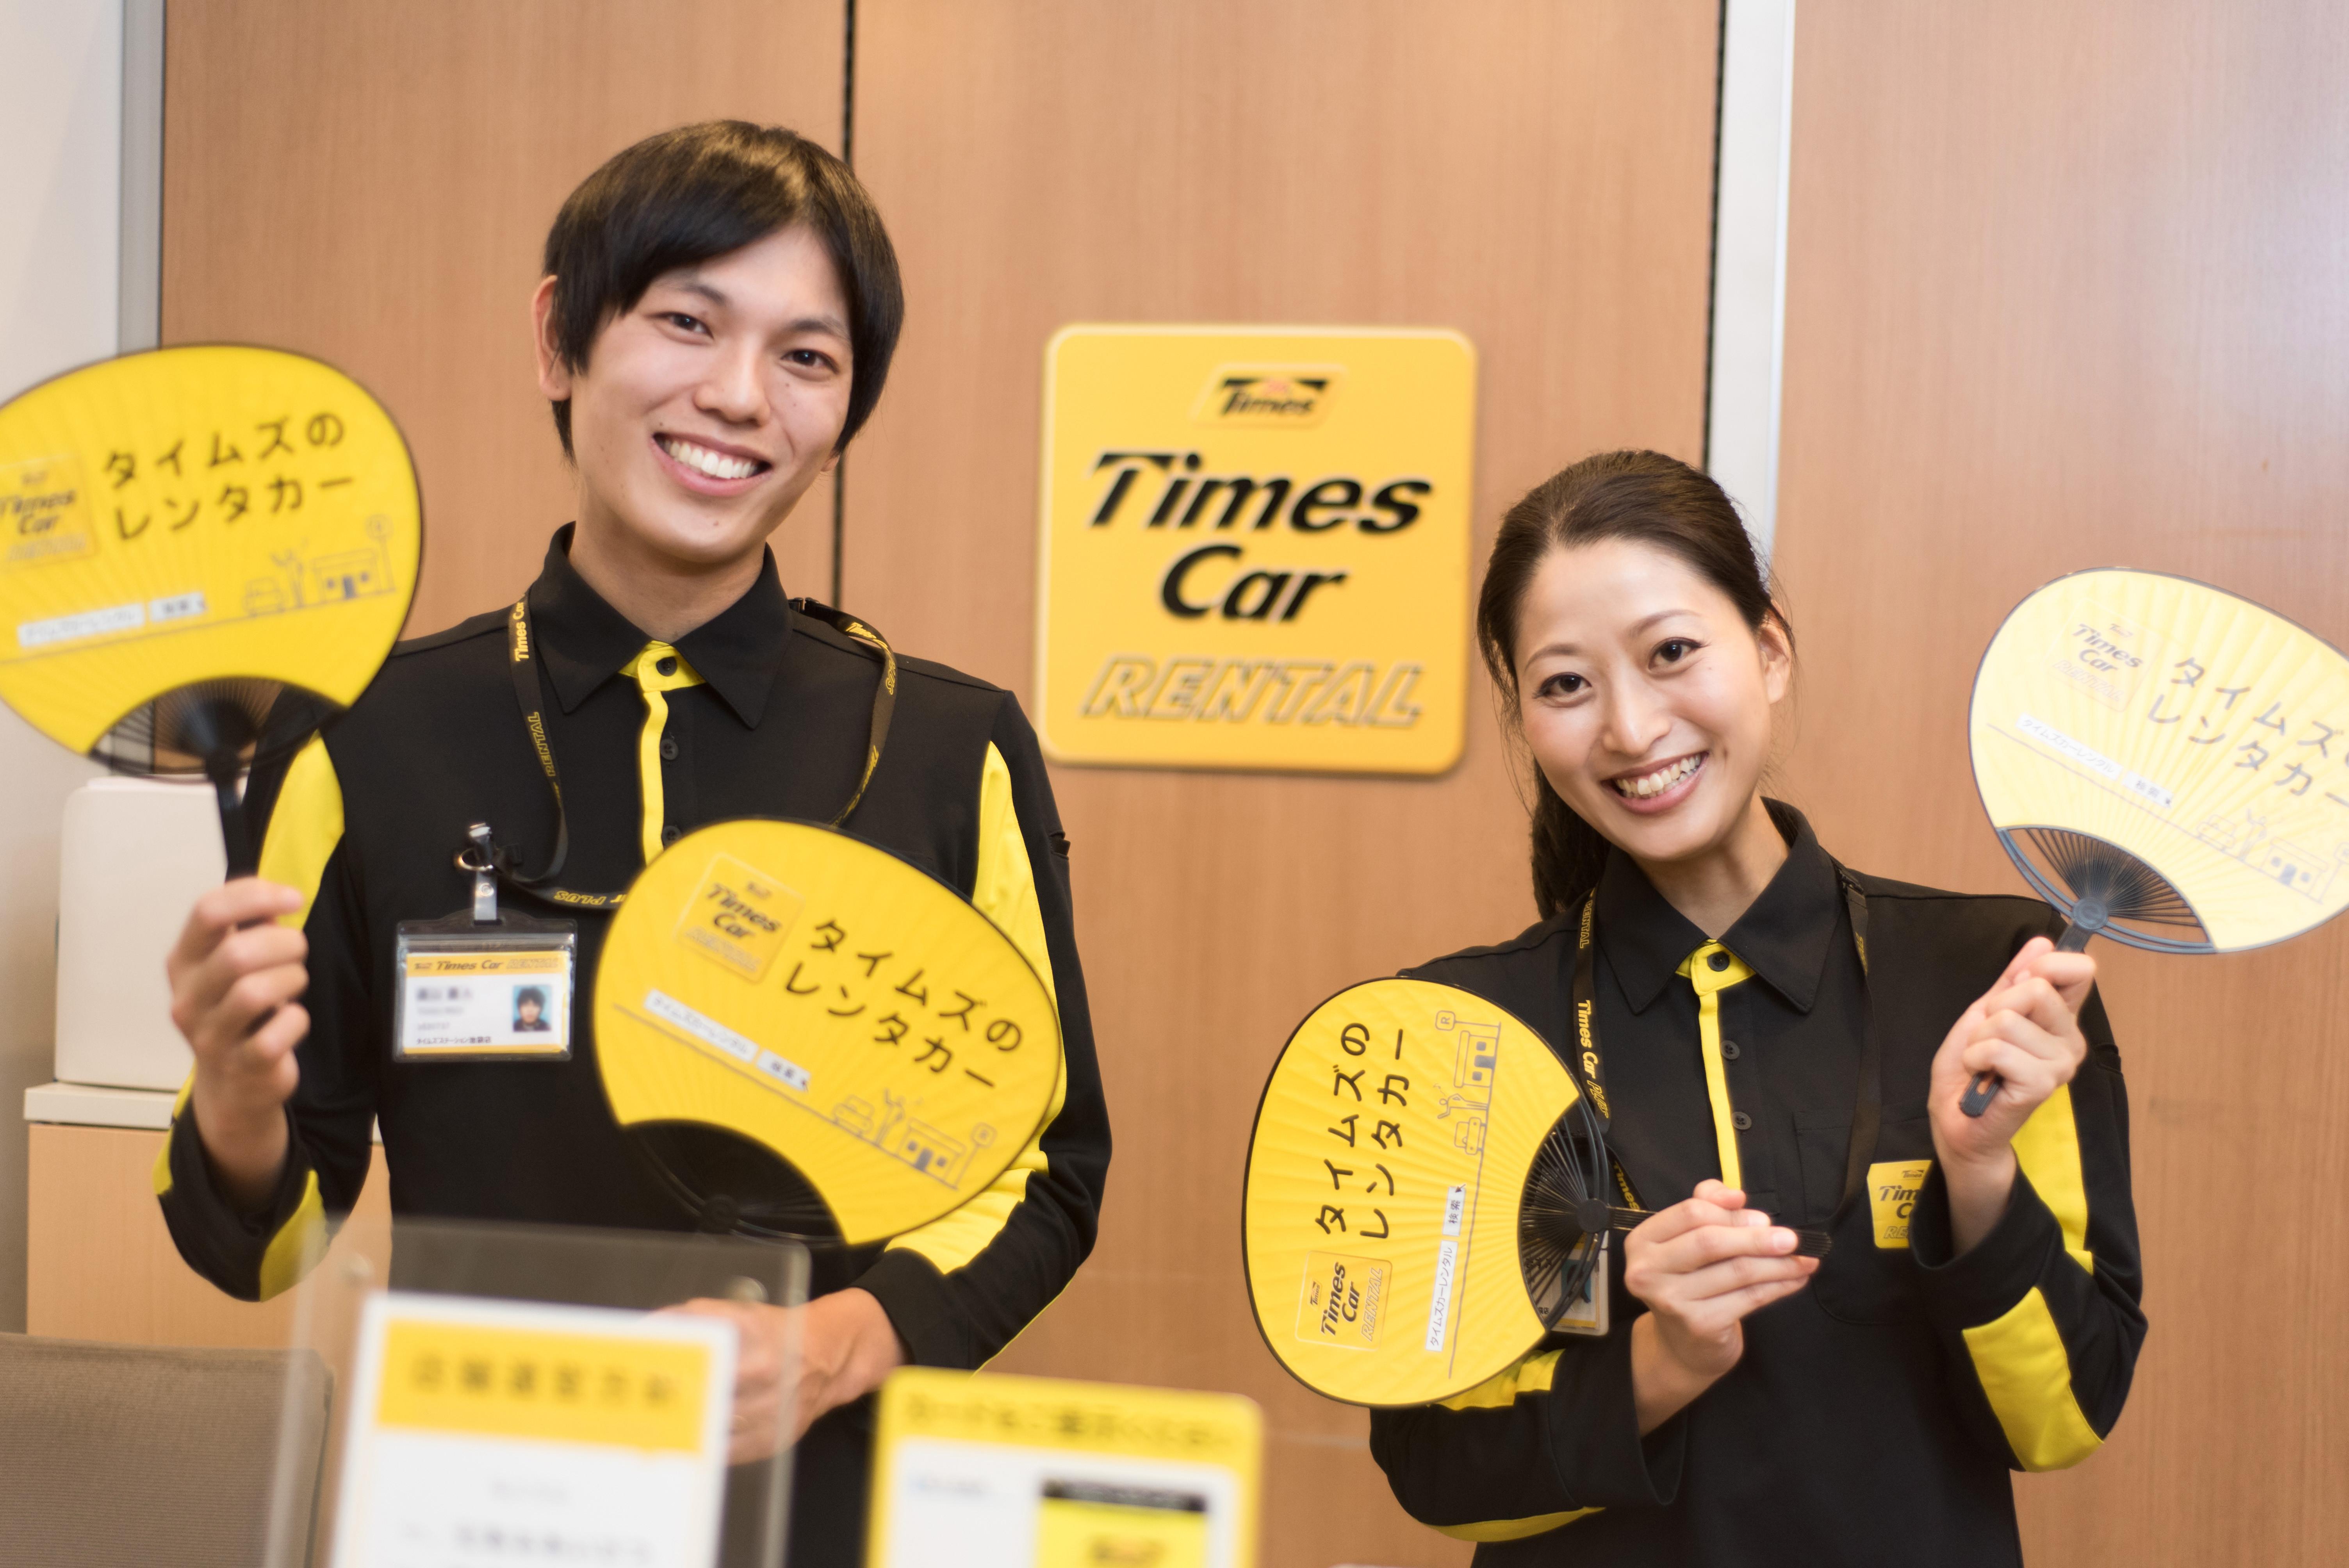 タイムズカーレンタル 静岡駅西 のアルバイト情報